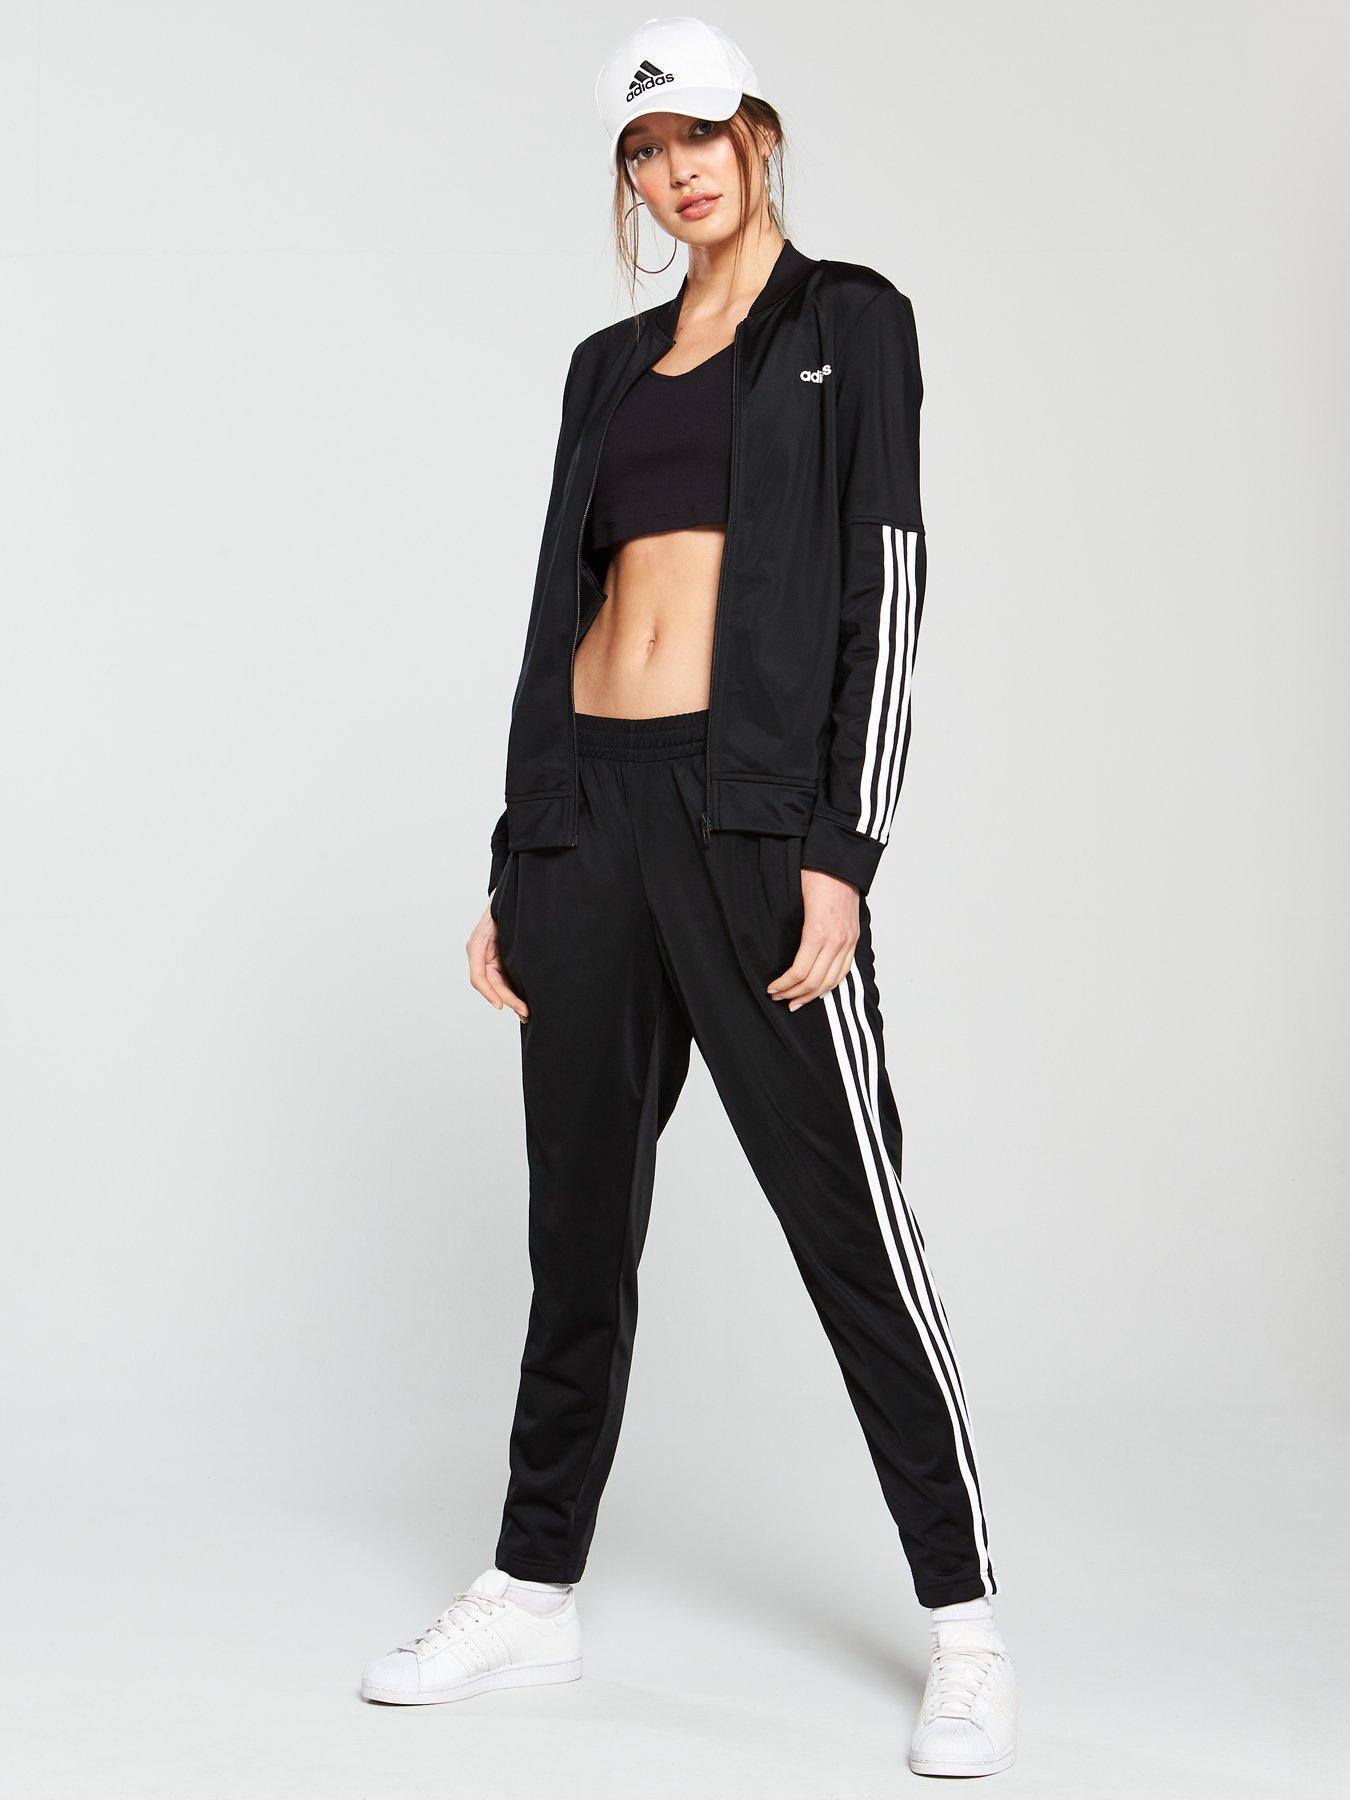 velvet adidas tracksuit womens